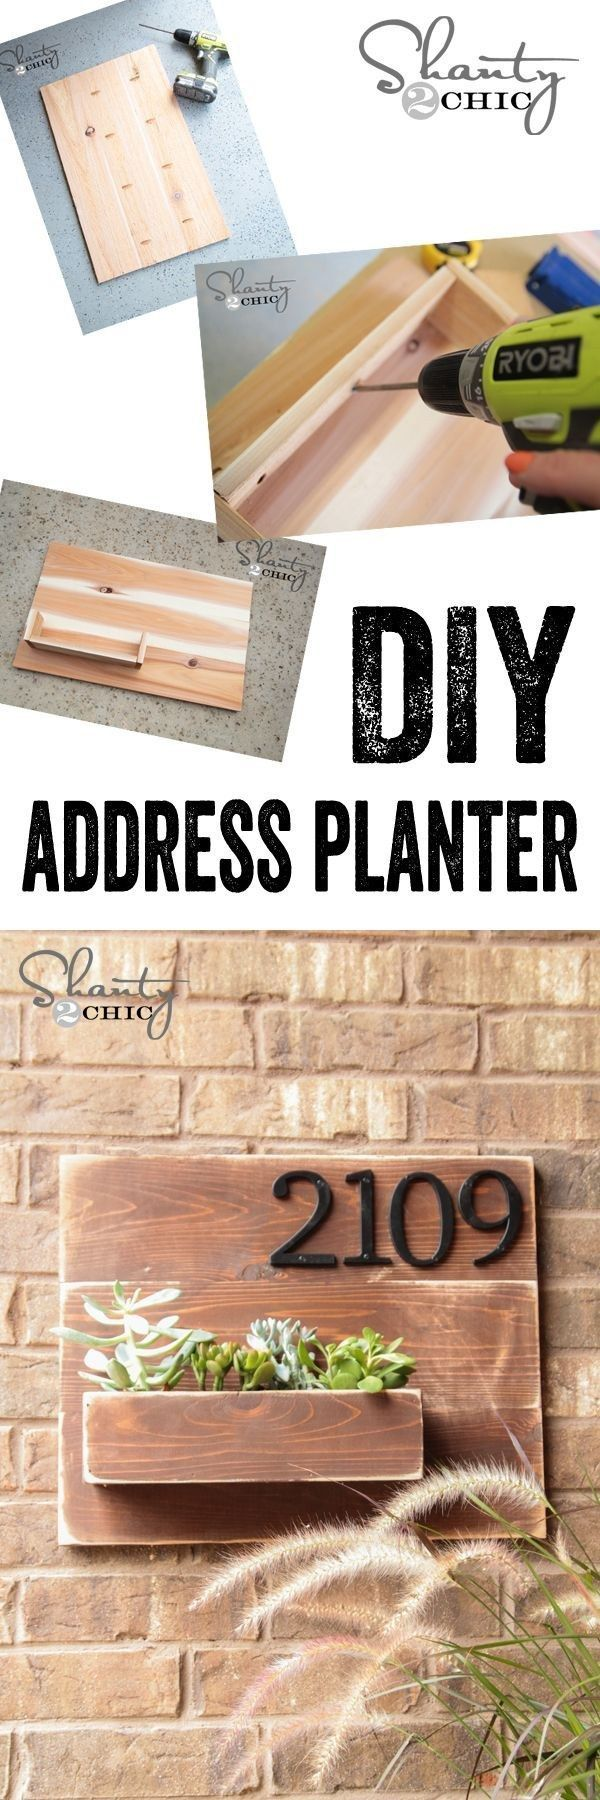 Convierte tu número de dirección en una maceta. | 25DYI's sencillos y económicos que mejorarán enormemente tu hogar